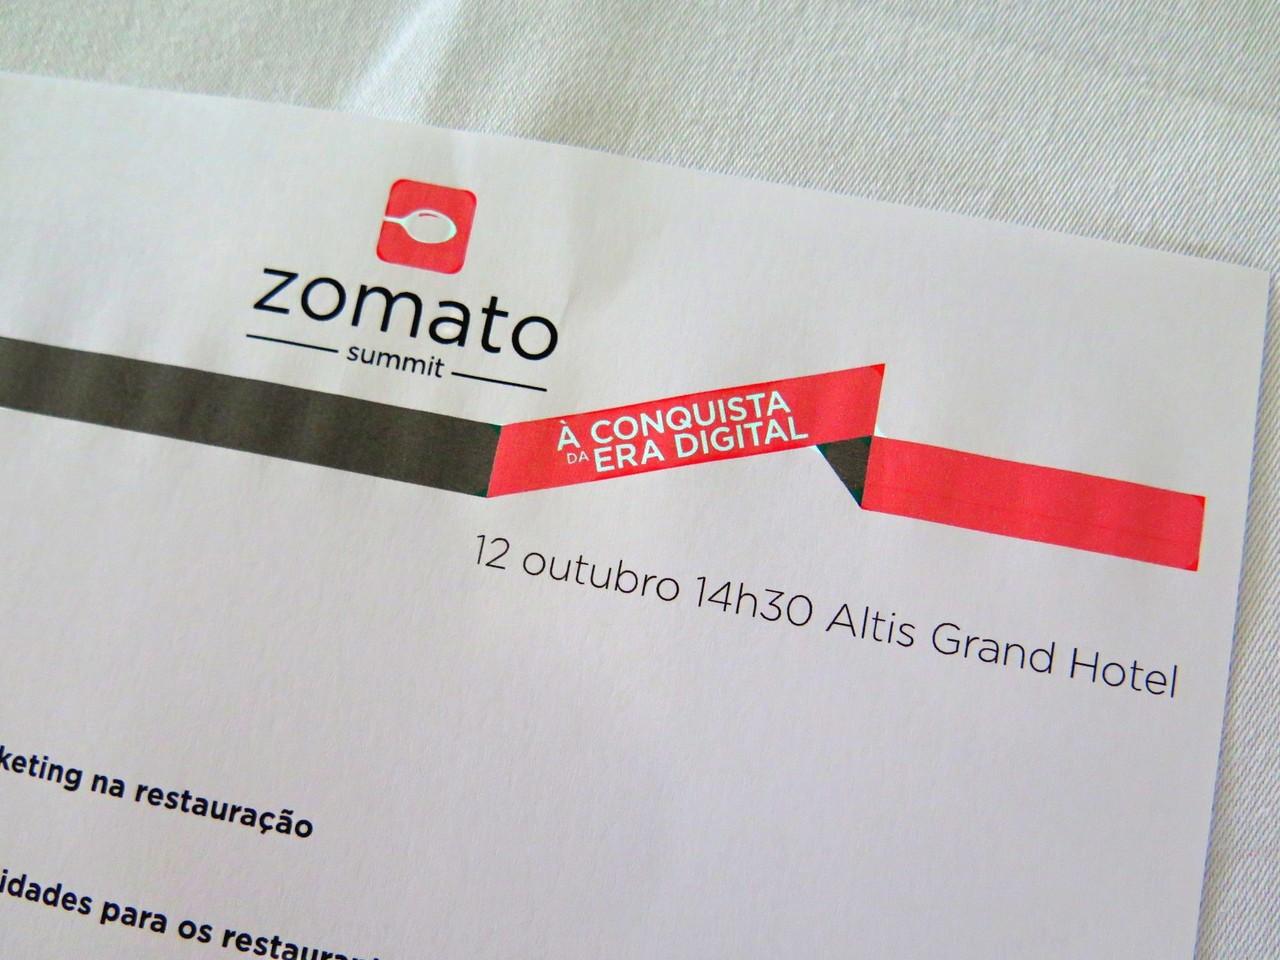 Zomato Summit